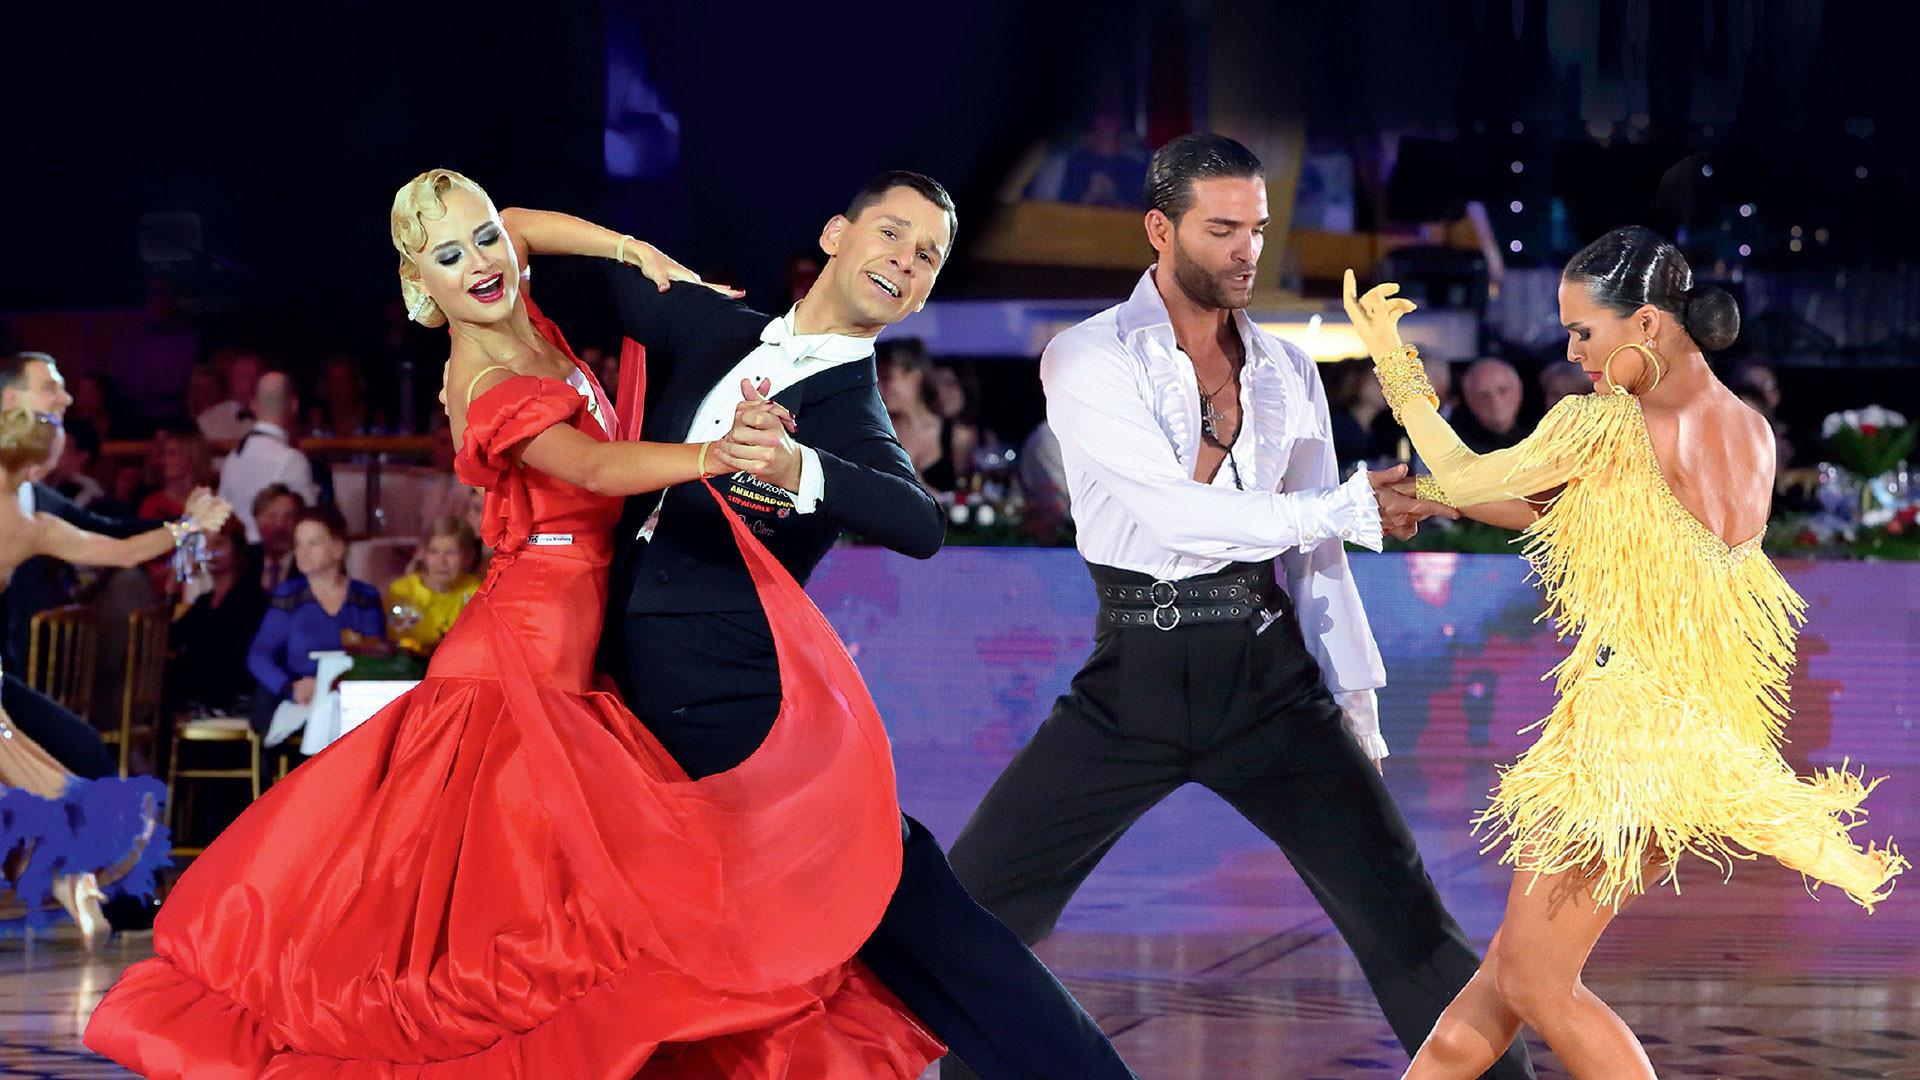 Кубок мира среди профессионалов по латиноамериканским танцам